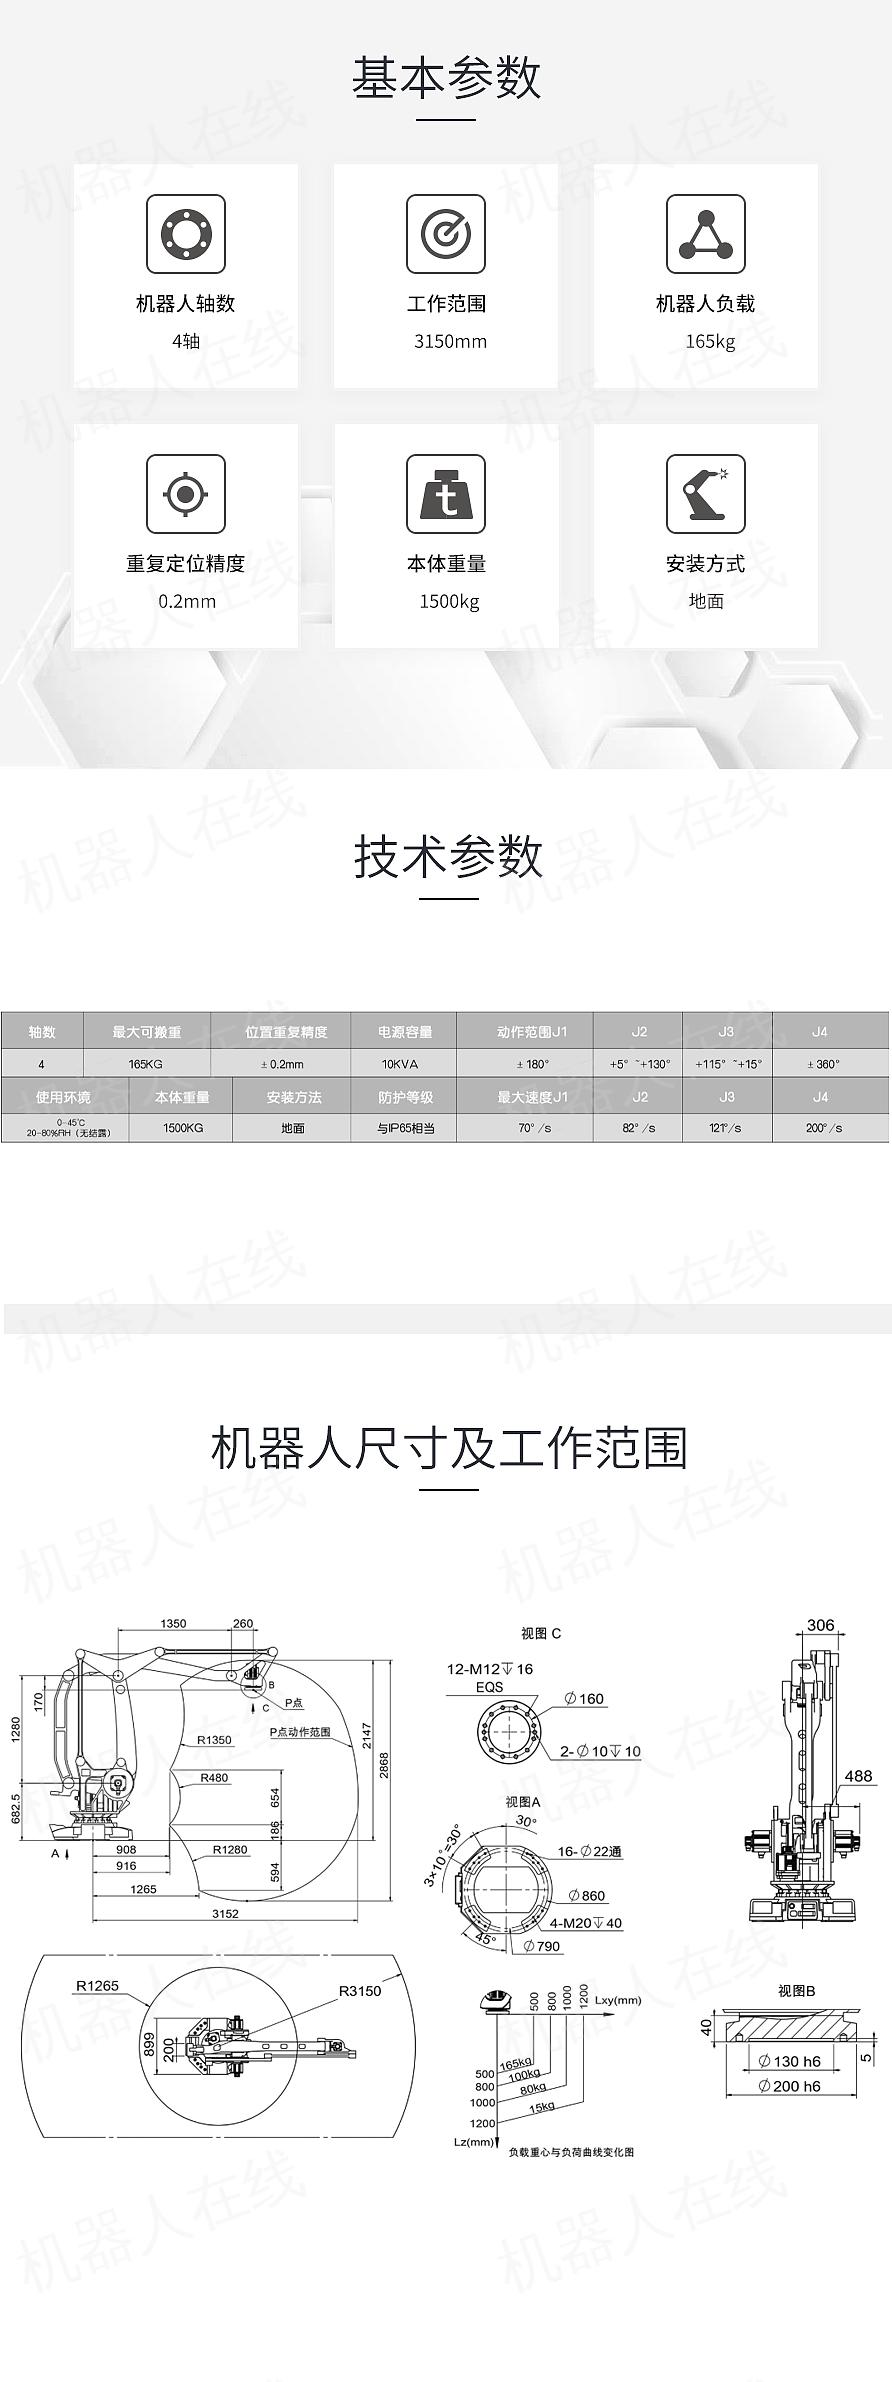 重庆摩川智能装备有限公司